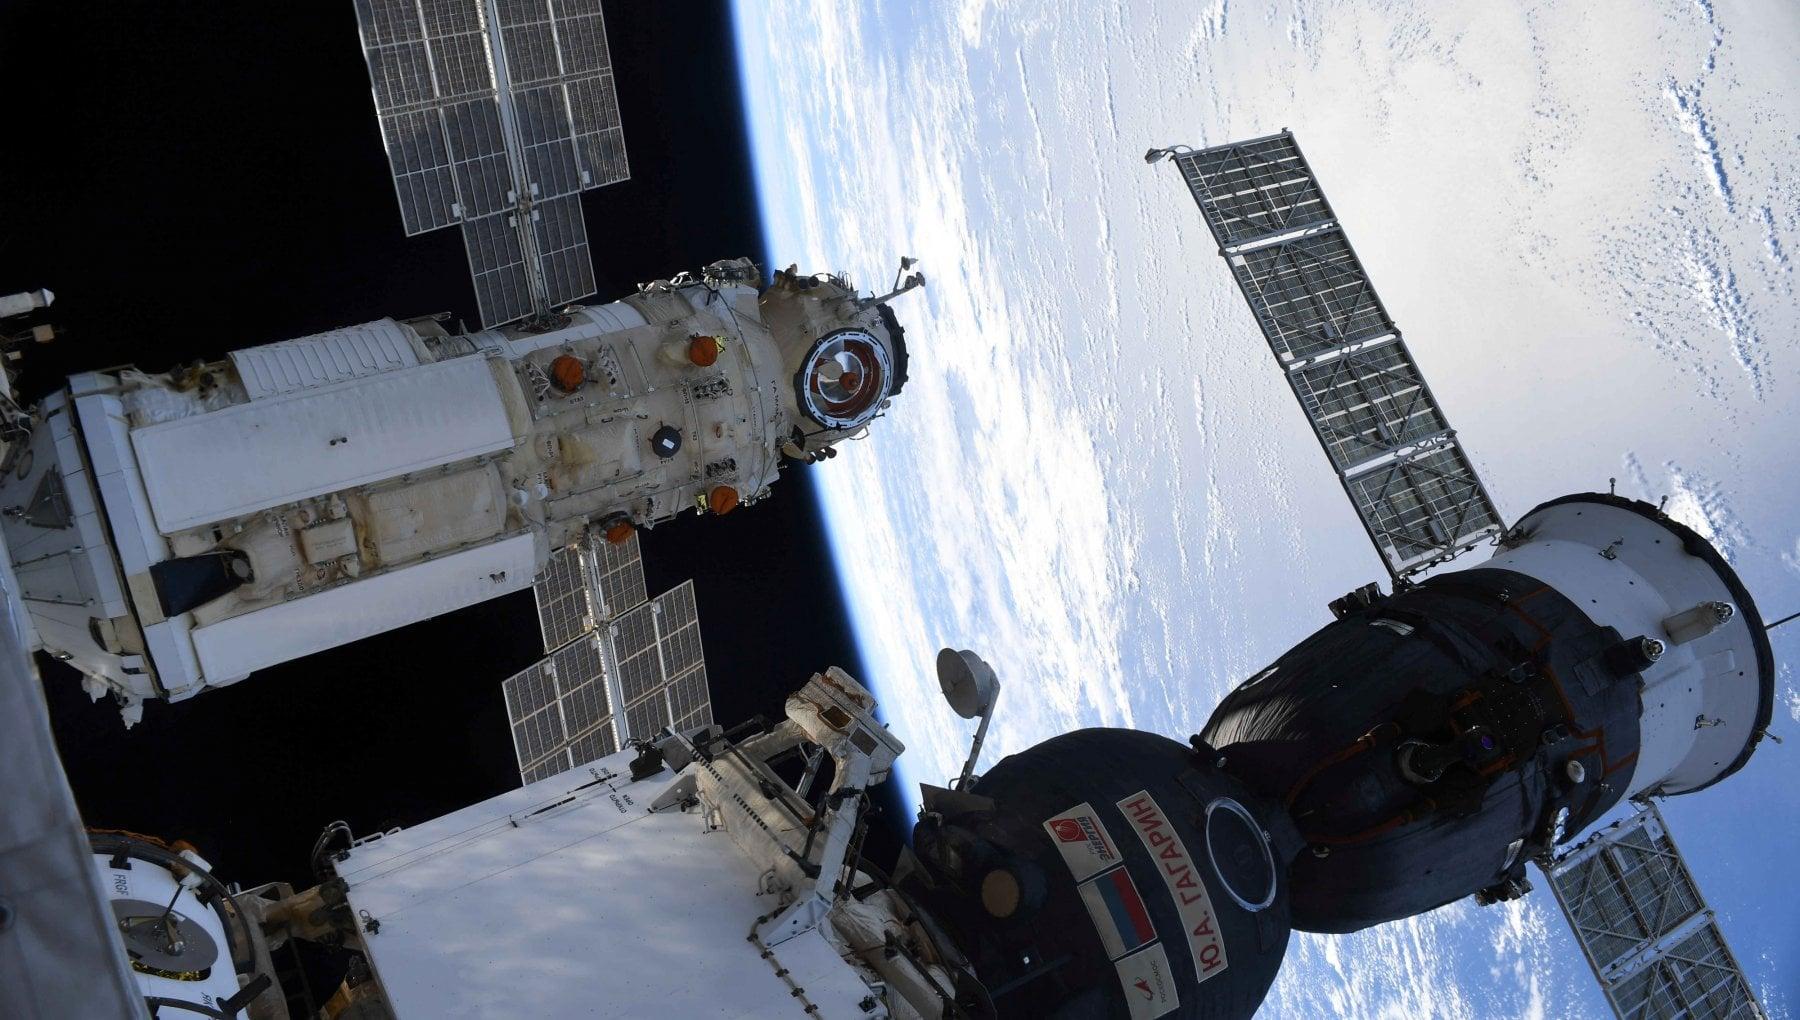 121905756 259088d0 3bbb 46a4 9fa4 05df5725768f - L'accidentato viaggio di Nauka, il nuovo modulo russo della Stazione spaziale internazionale